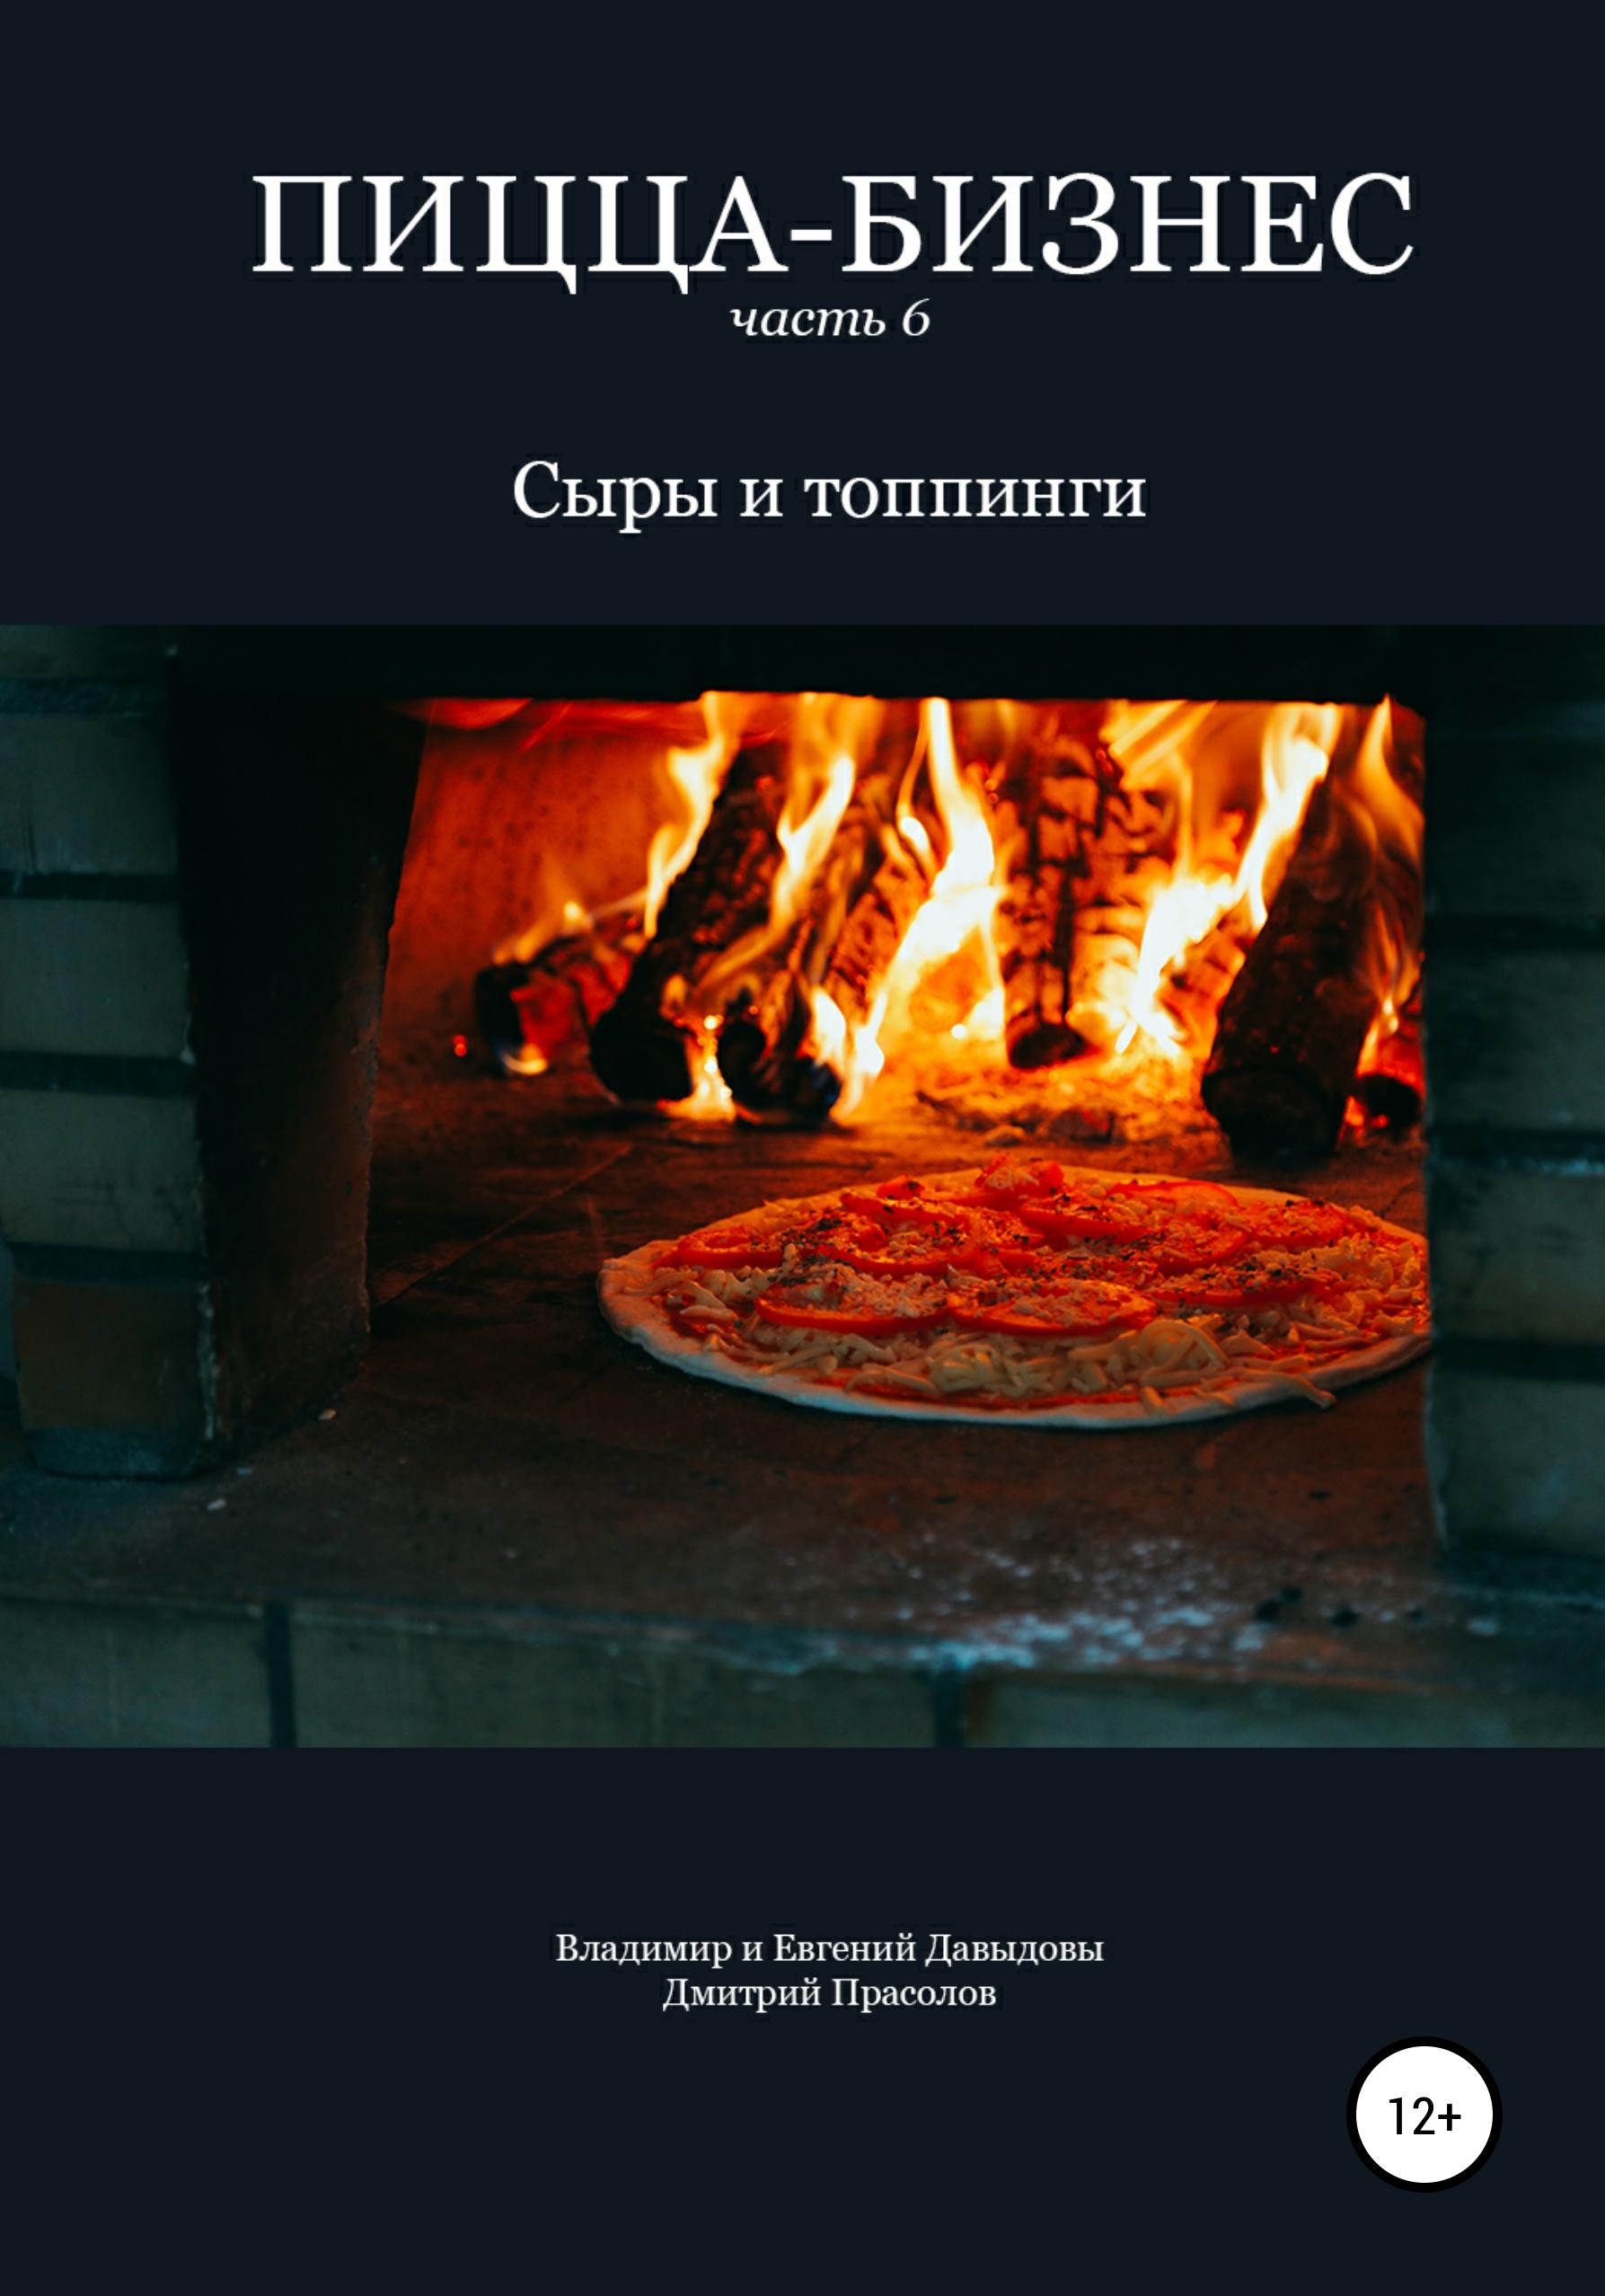 Купить книгу Пицца-бизнес. Часть 6. Сыры и топпинги, автора Владимира Давыдова